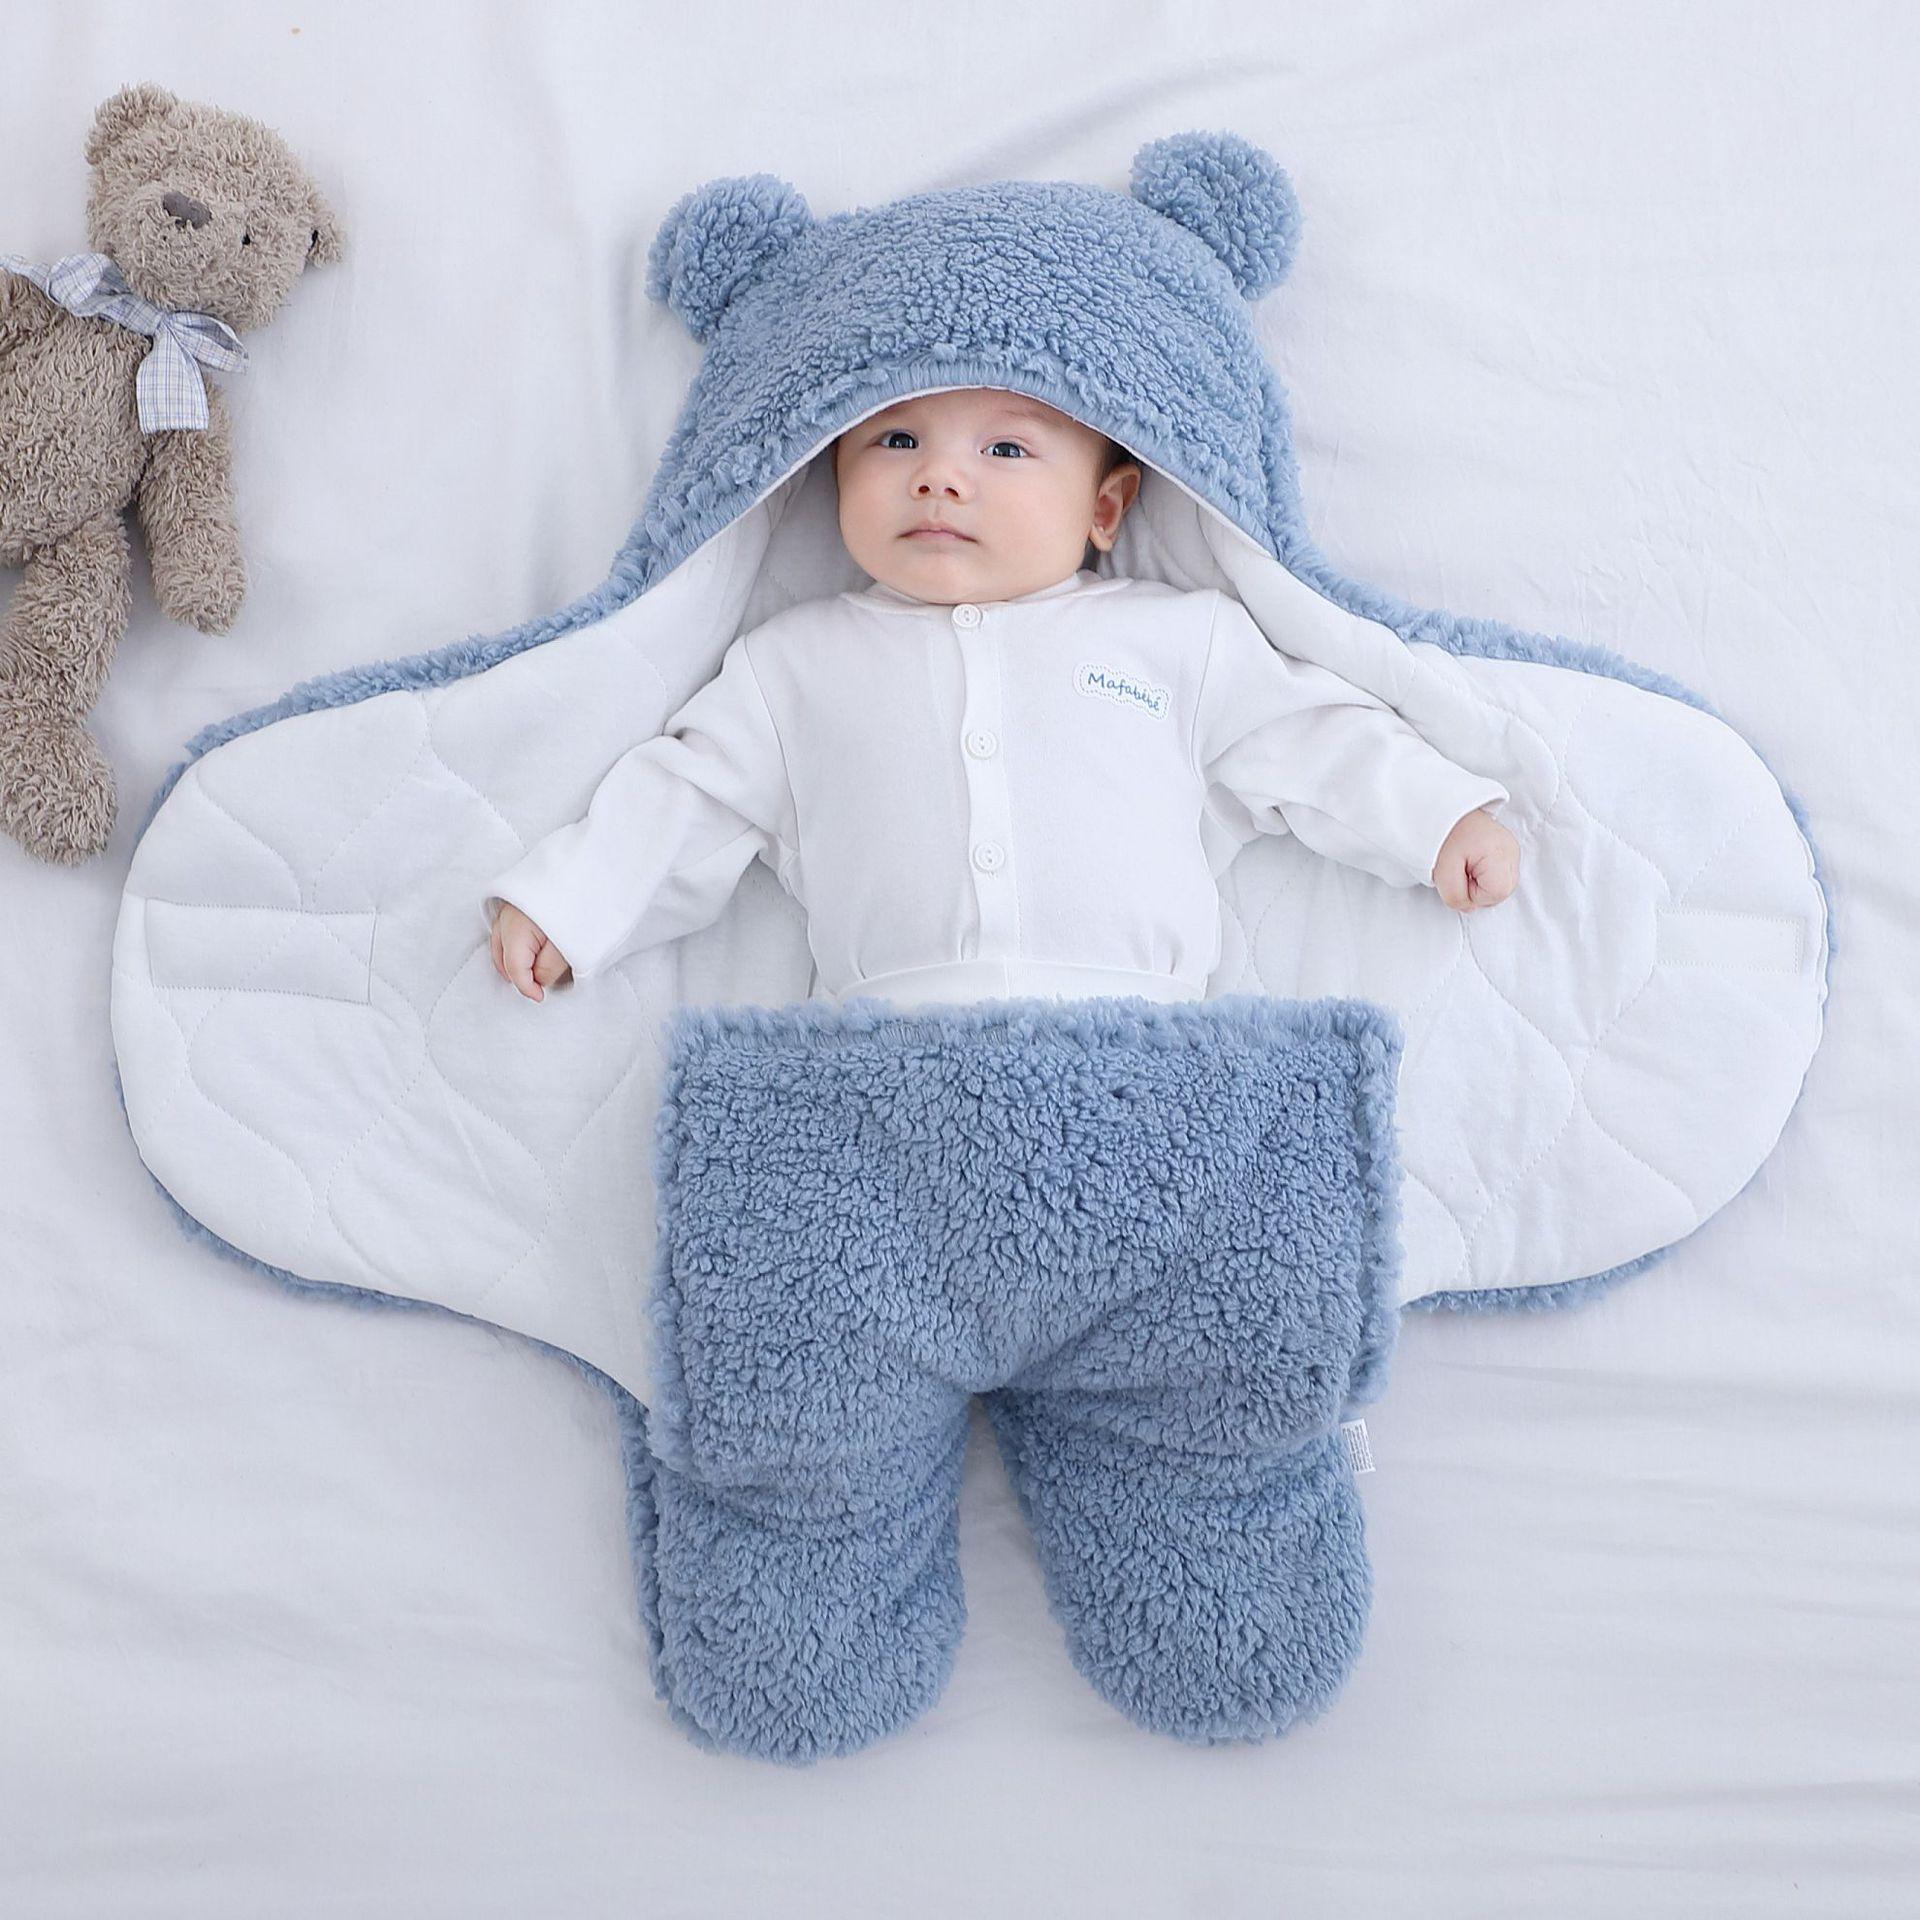 Beebi magamiskott ülipehme kohev fliisist vastsündinud lapsekate - Magamisvarustus